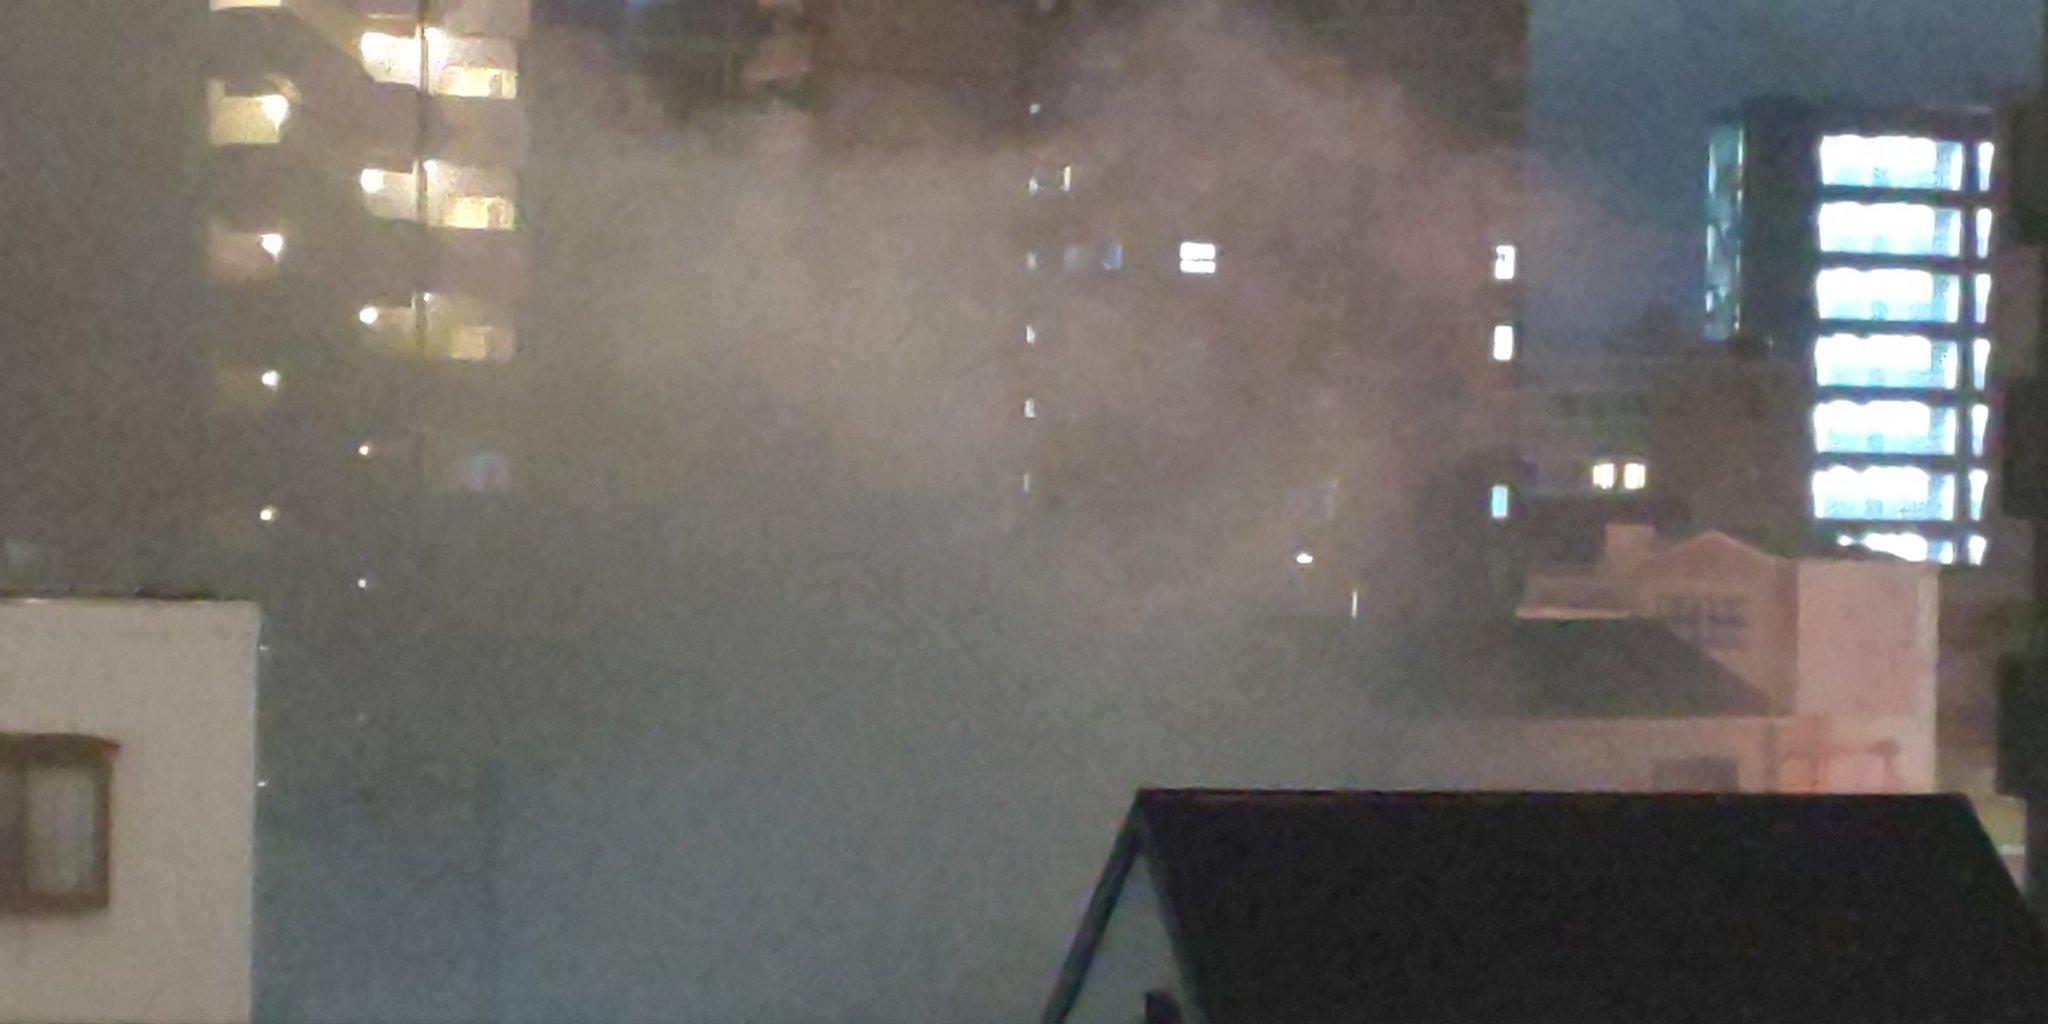 画像,近所の美容室が火事。私が髪を切ってもらってるところです。。。煙い。。。鋭意消化作業中です。 https://t.co/ThC1bNmlpU…